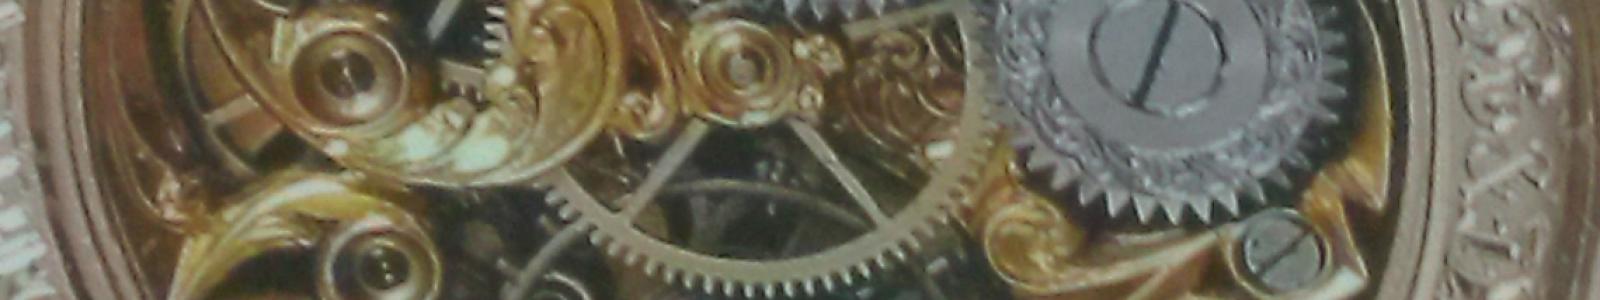 Gallery Jeweler Vitaliy Khlypalo